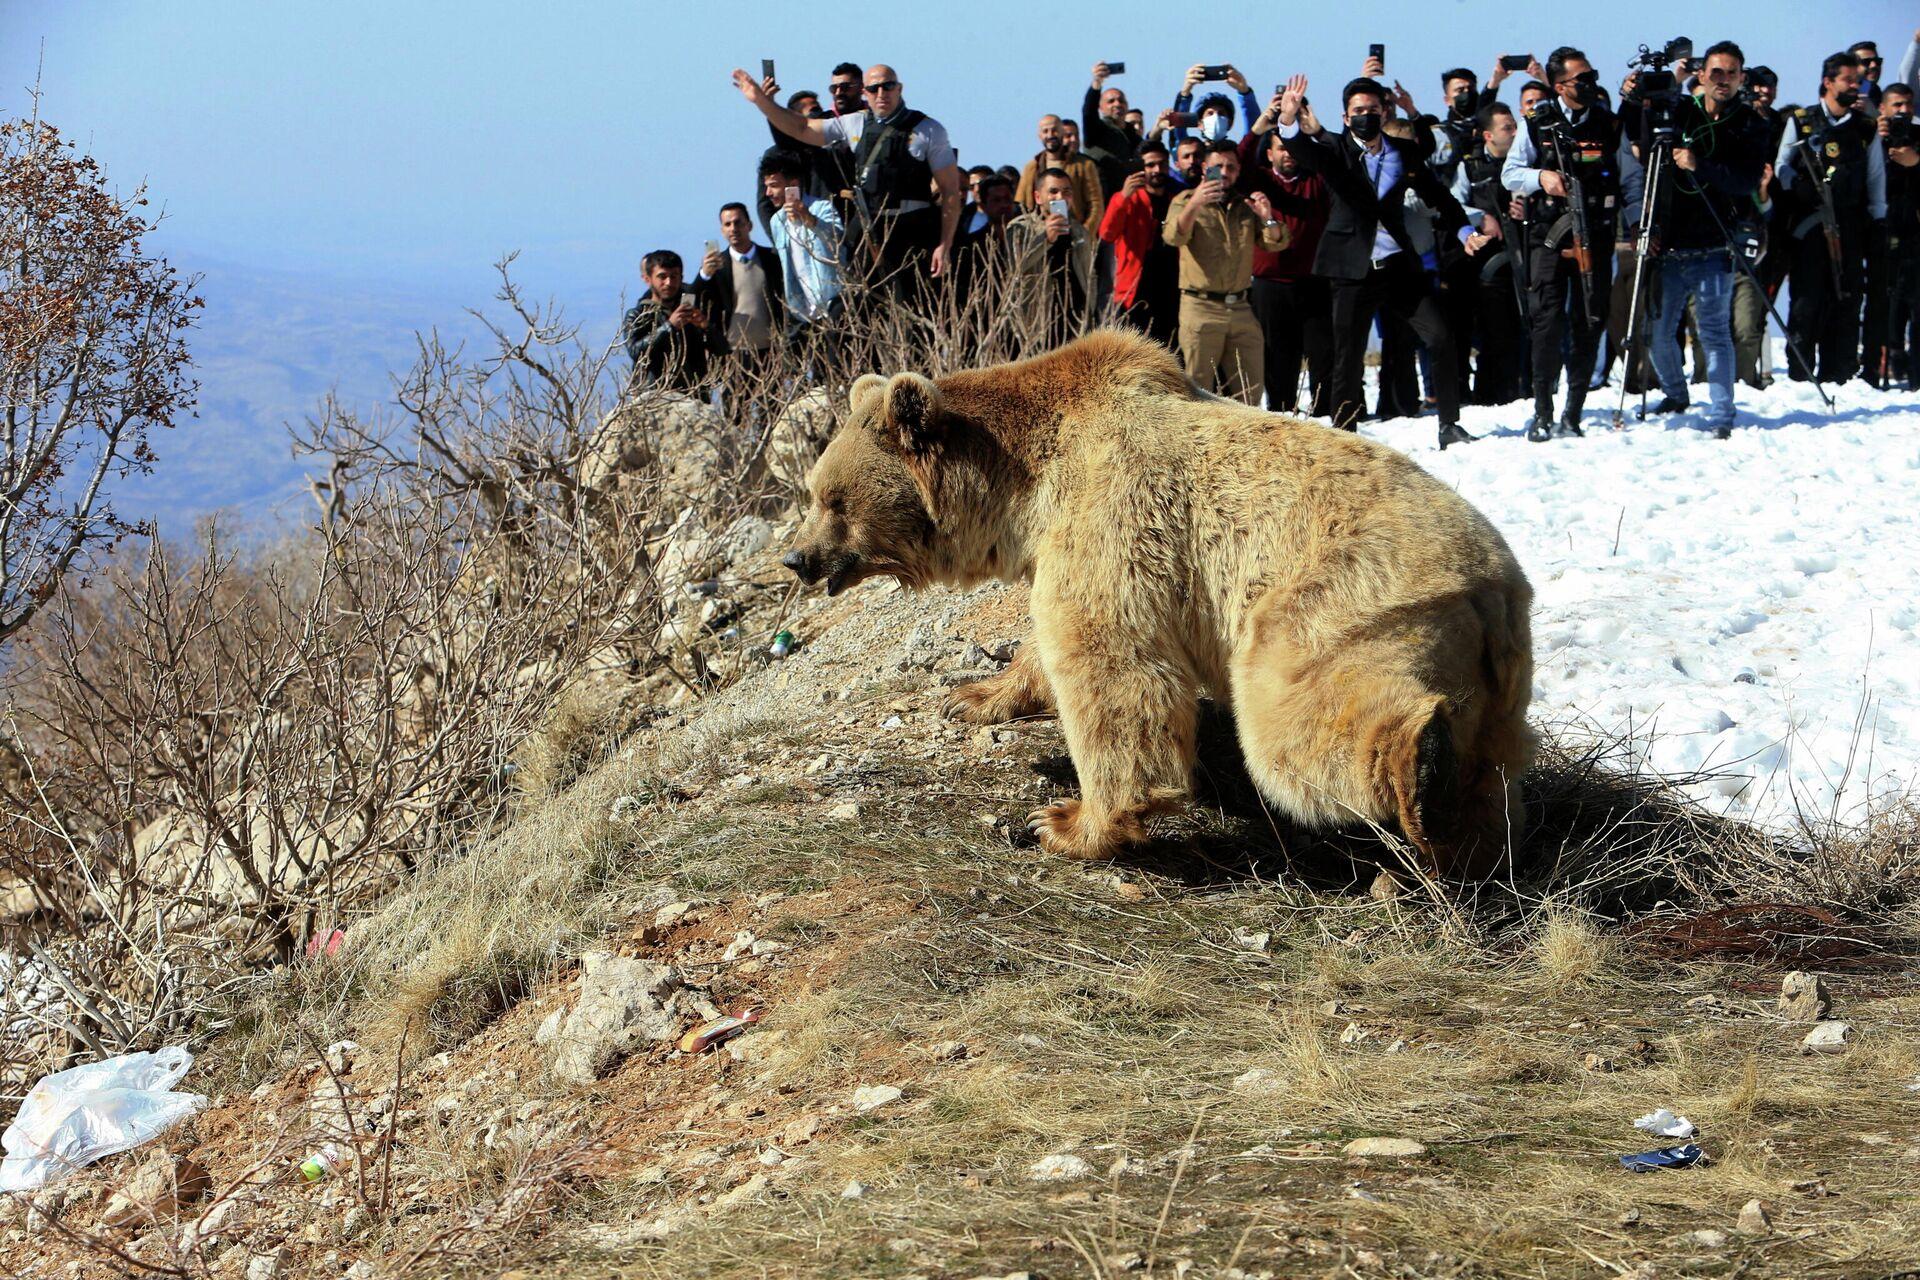 La liberación de los osos en Irak - Sputnik Mundo, 1920, 13.02.2021